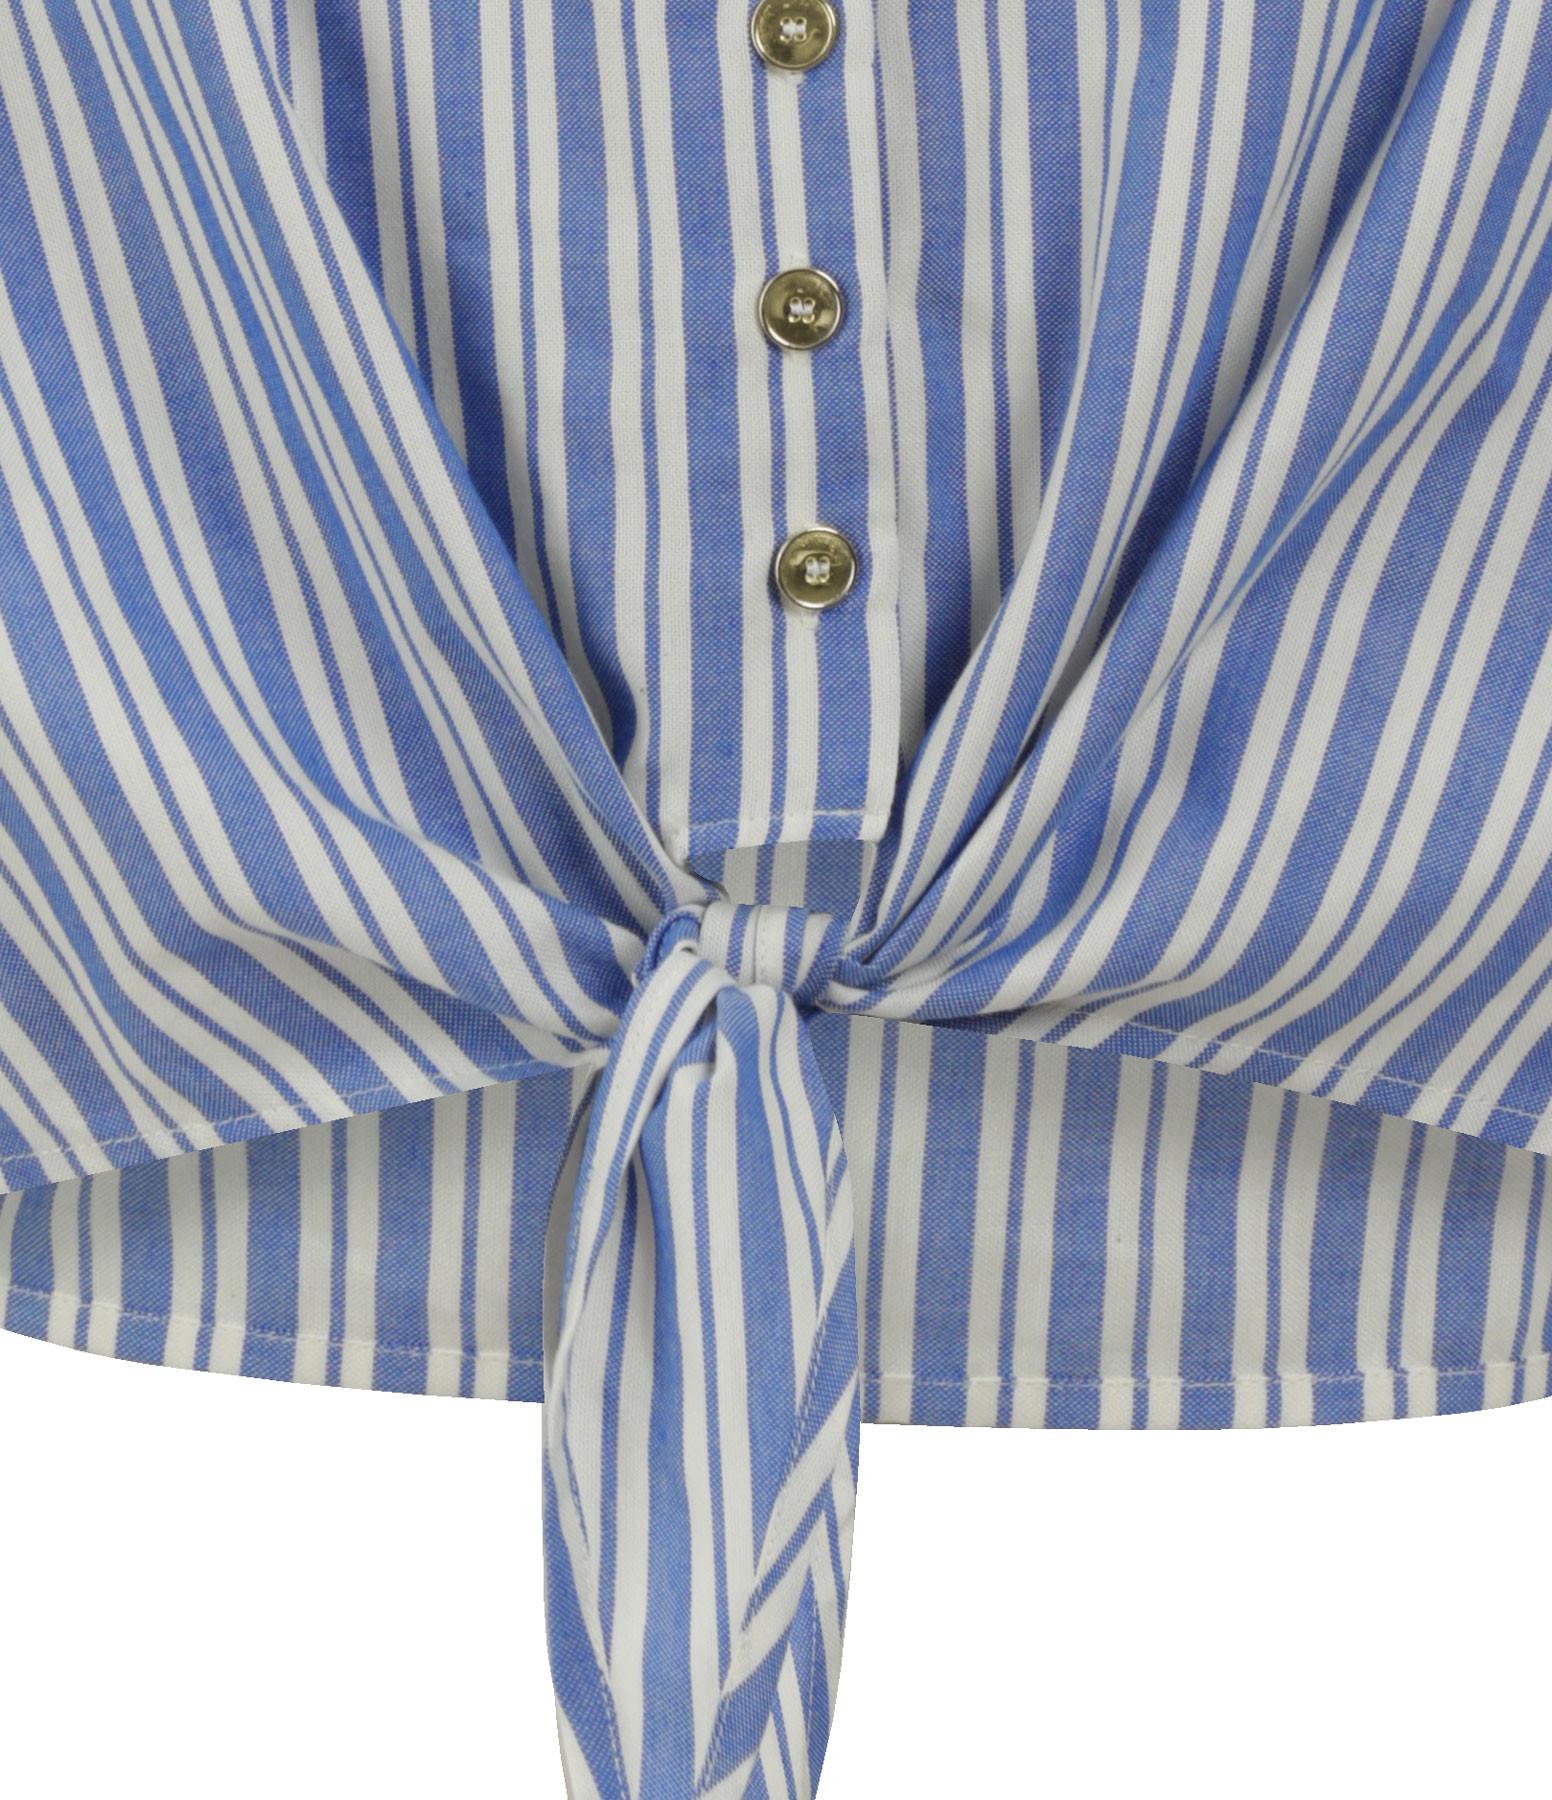 JEANNE VOULAND - Top Rivage Noeud Coton Rayé Bleu Blanc